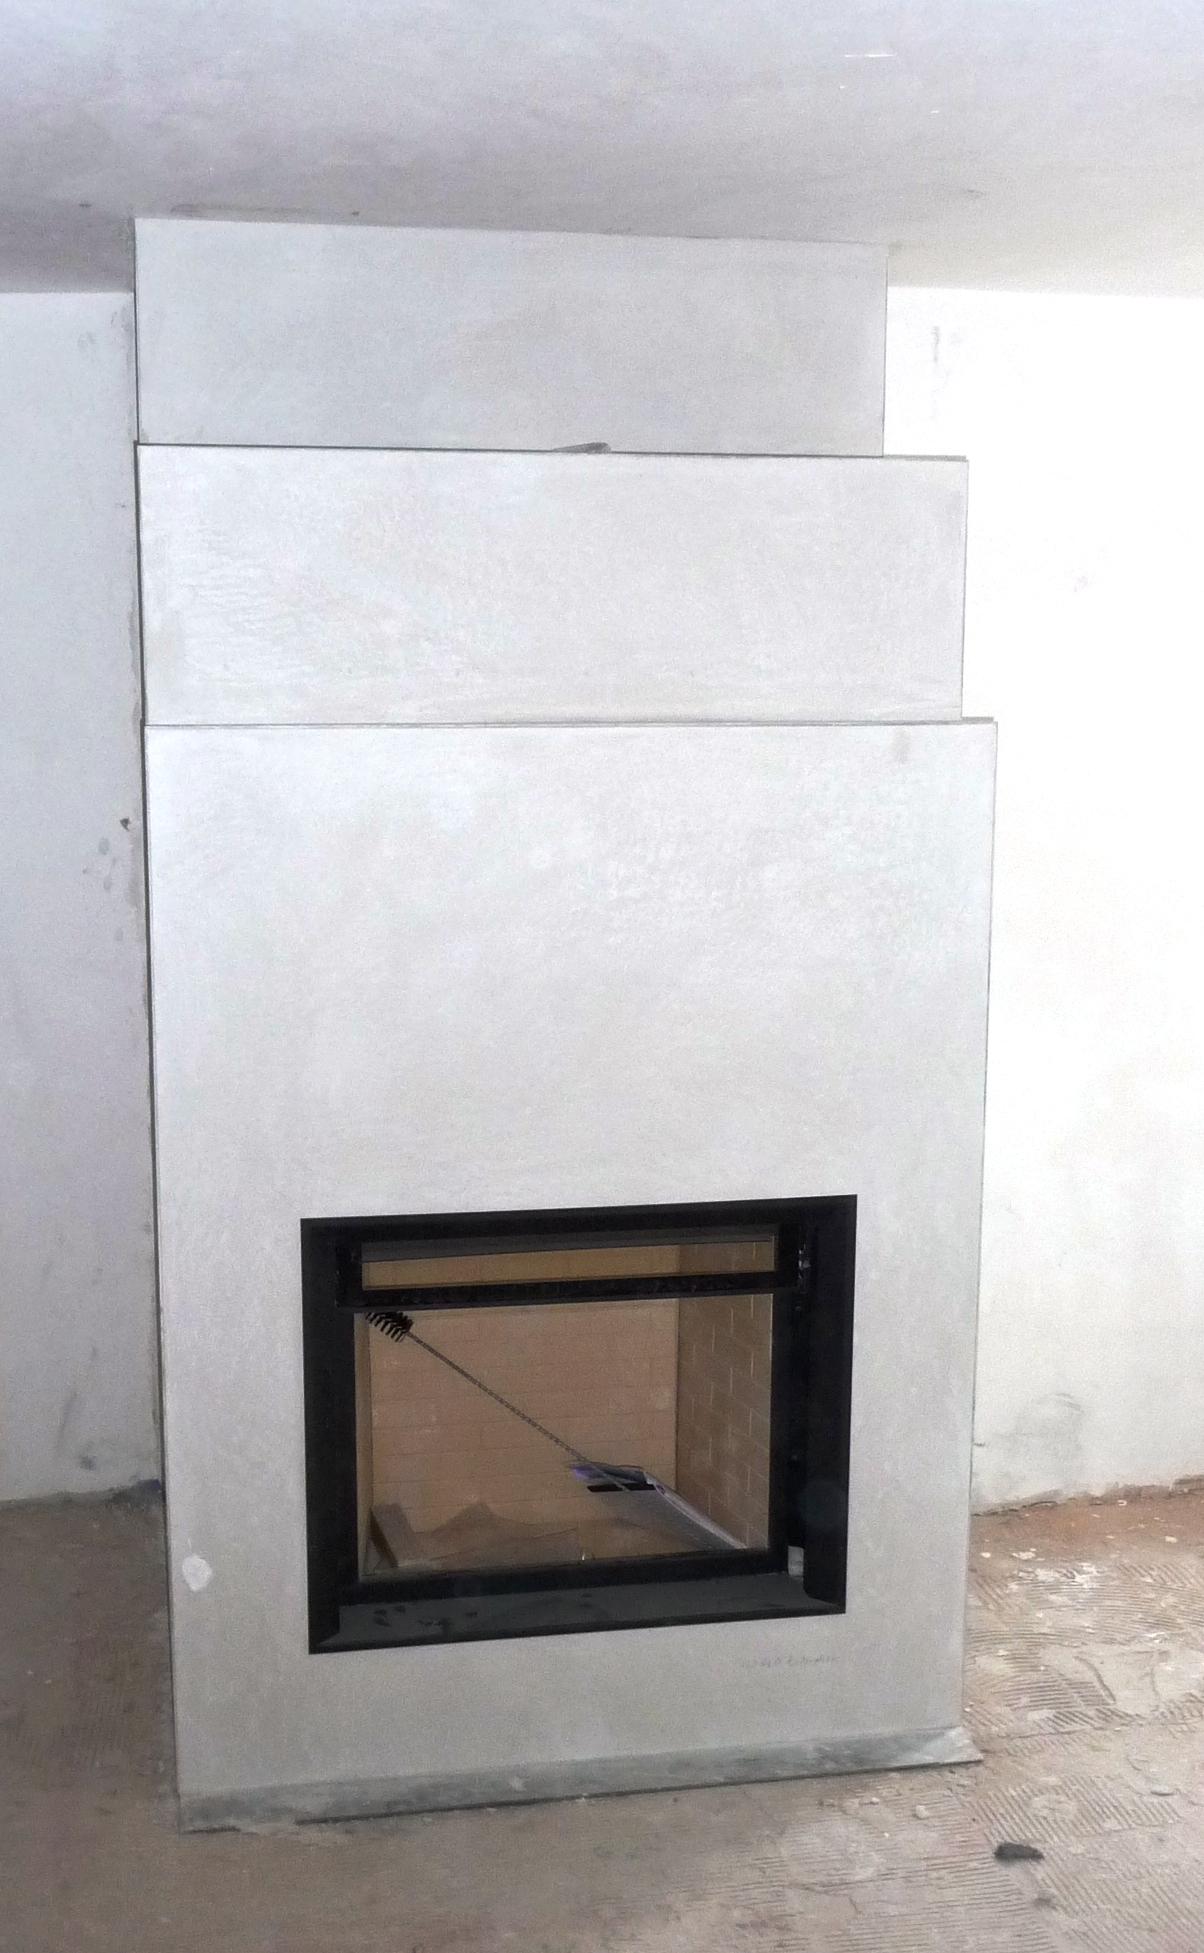 referenzen pfab heizungsbau gmbh germering heizung sanit r solar. Black Bedroom Furniture Sets. Home Design Ideas